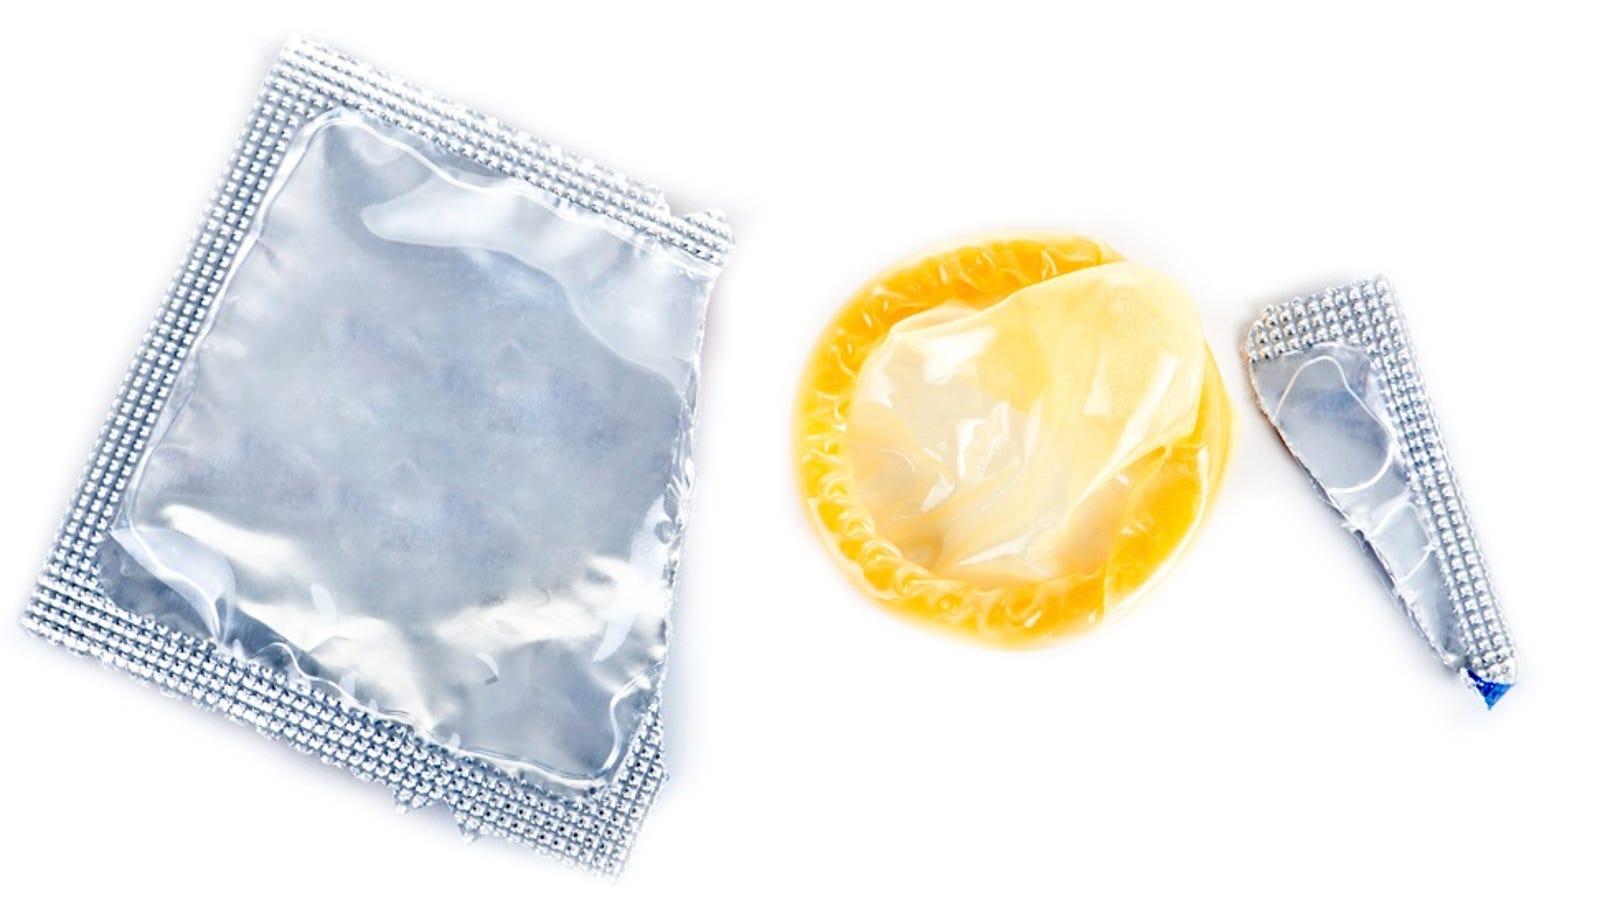 The strangest condoms 63